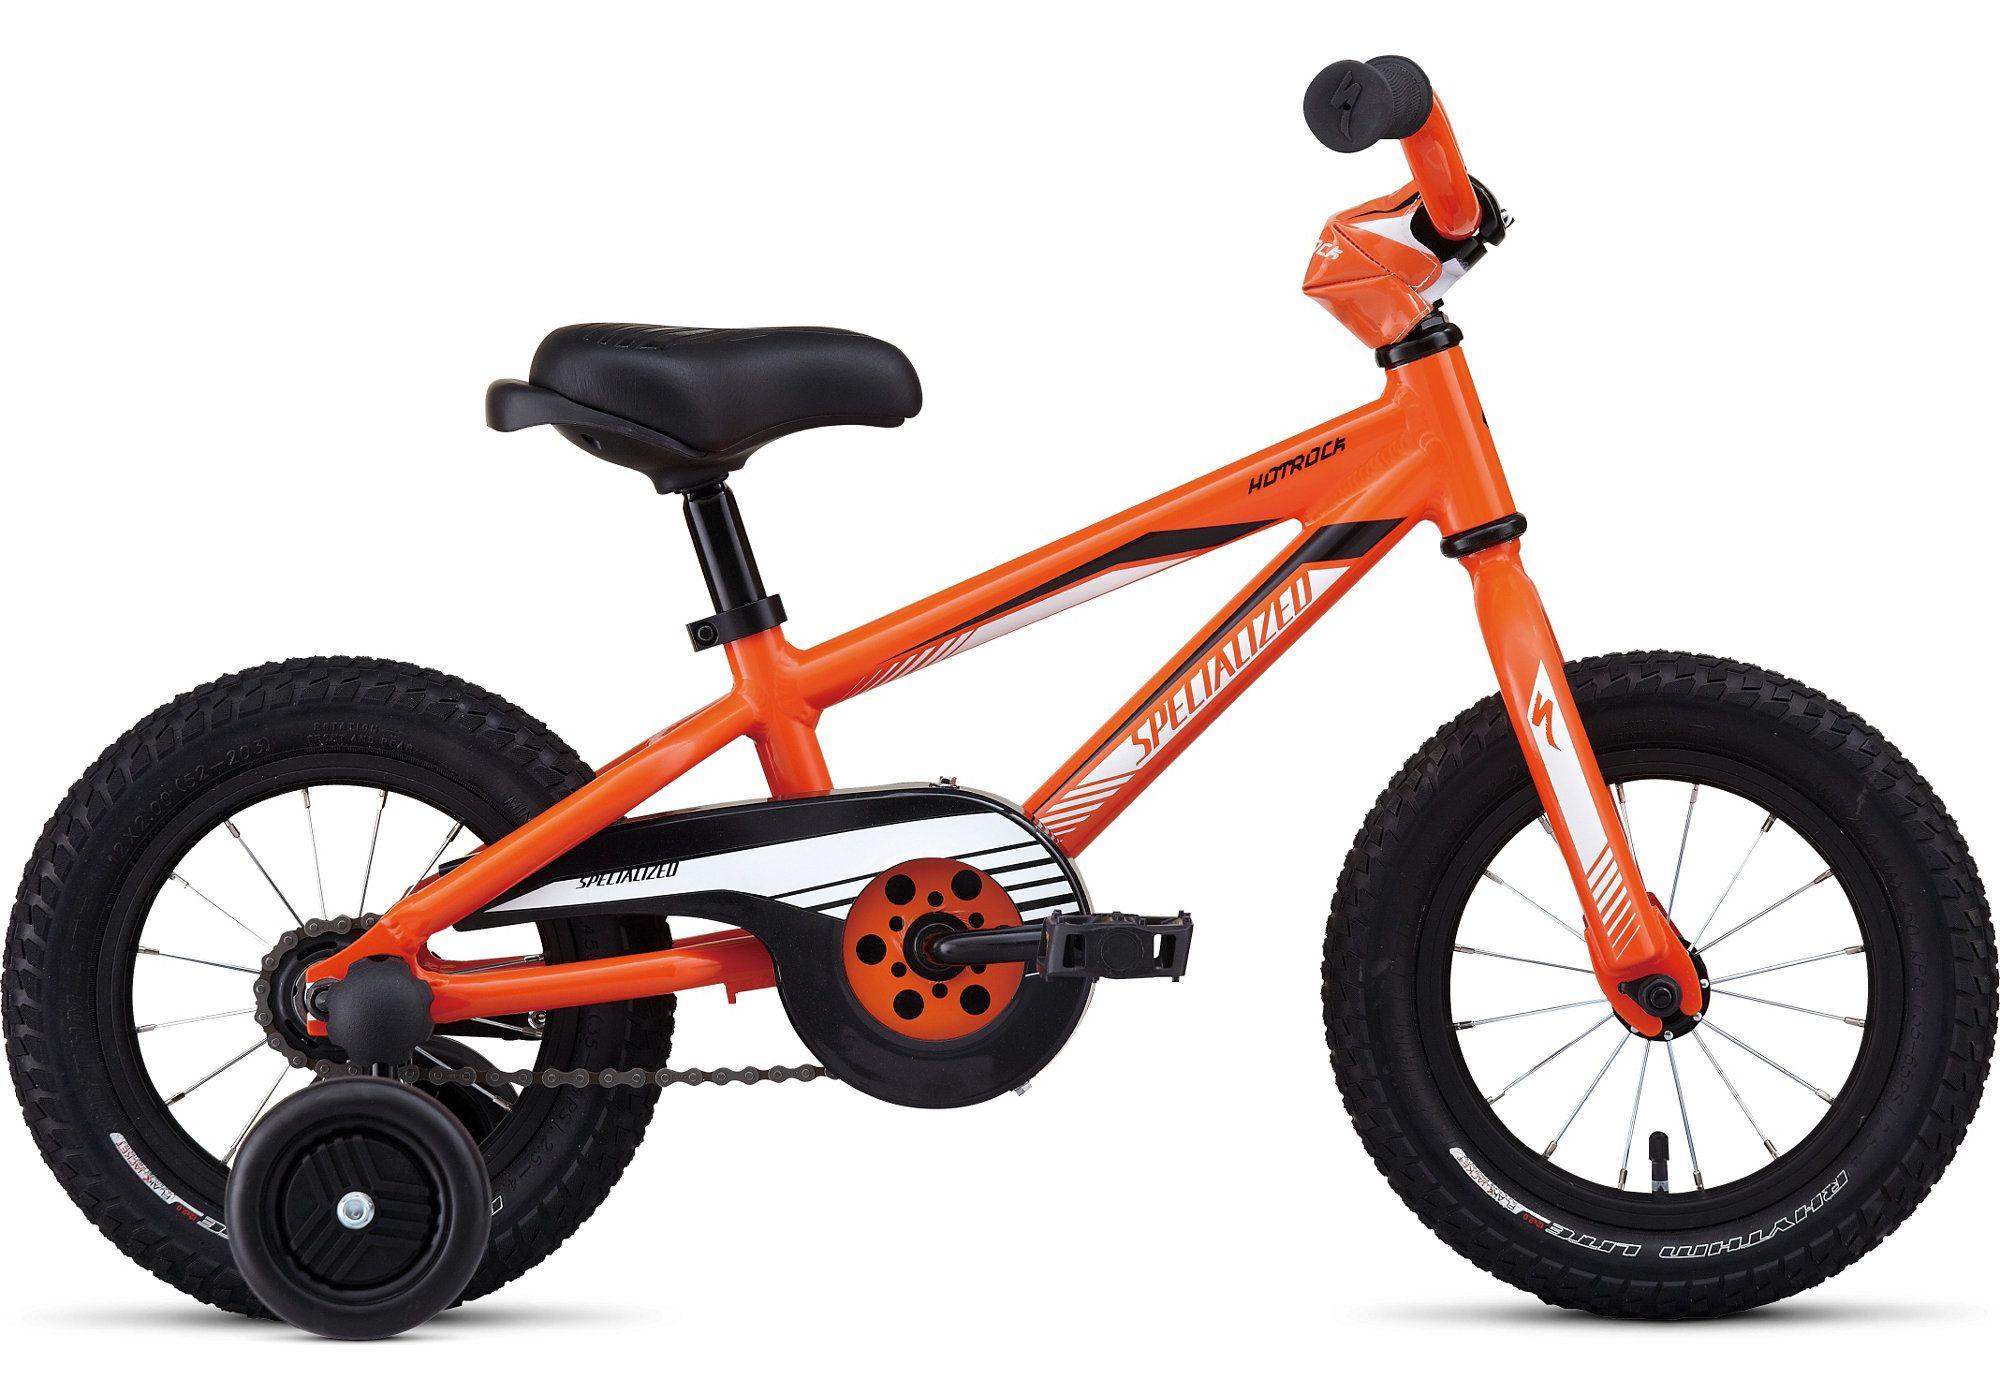 Велосипед Specialized Hotrock 12 CSTR 2016 велосипед specialized hotrock 20 6 speed boys 2016